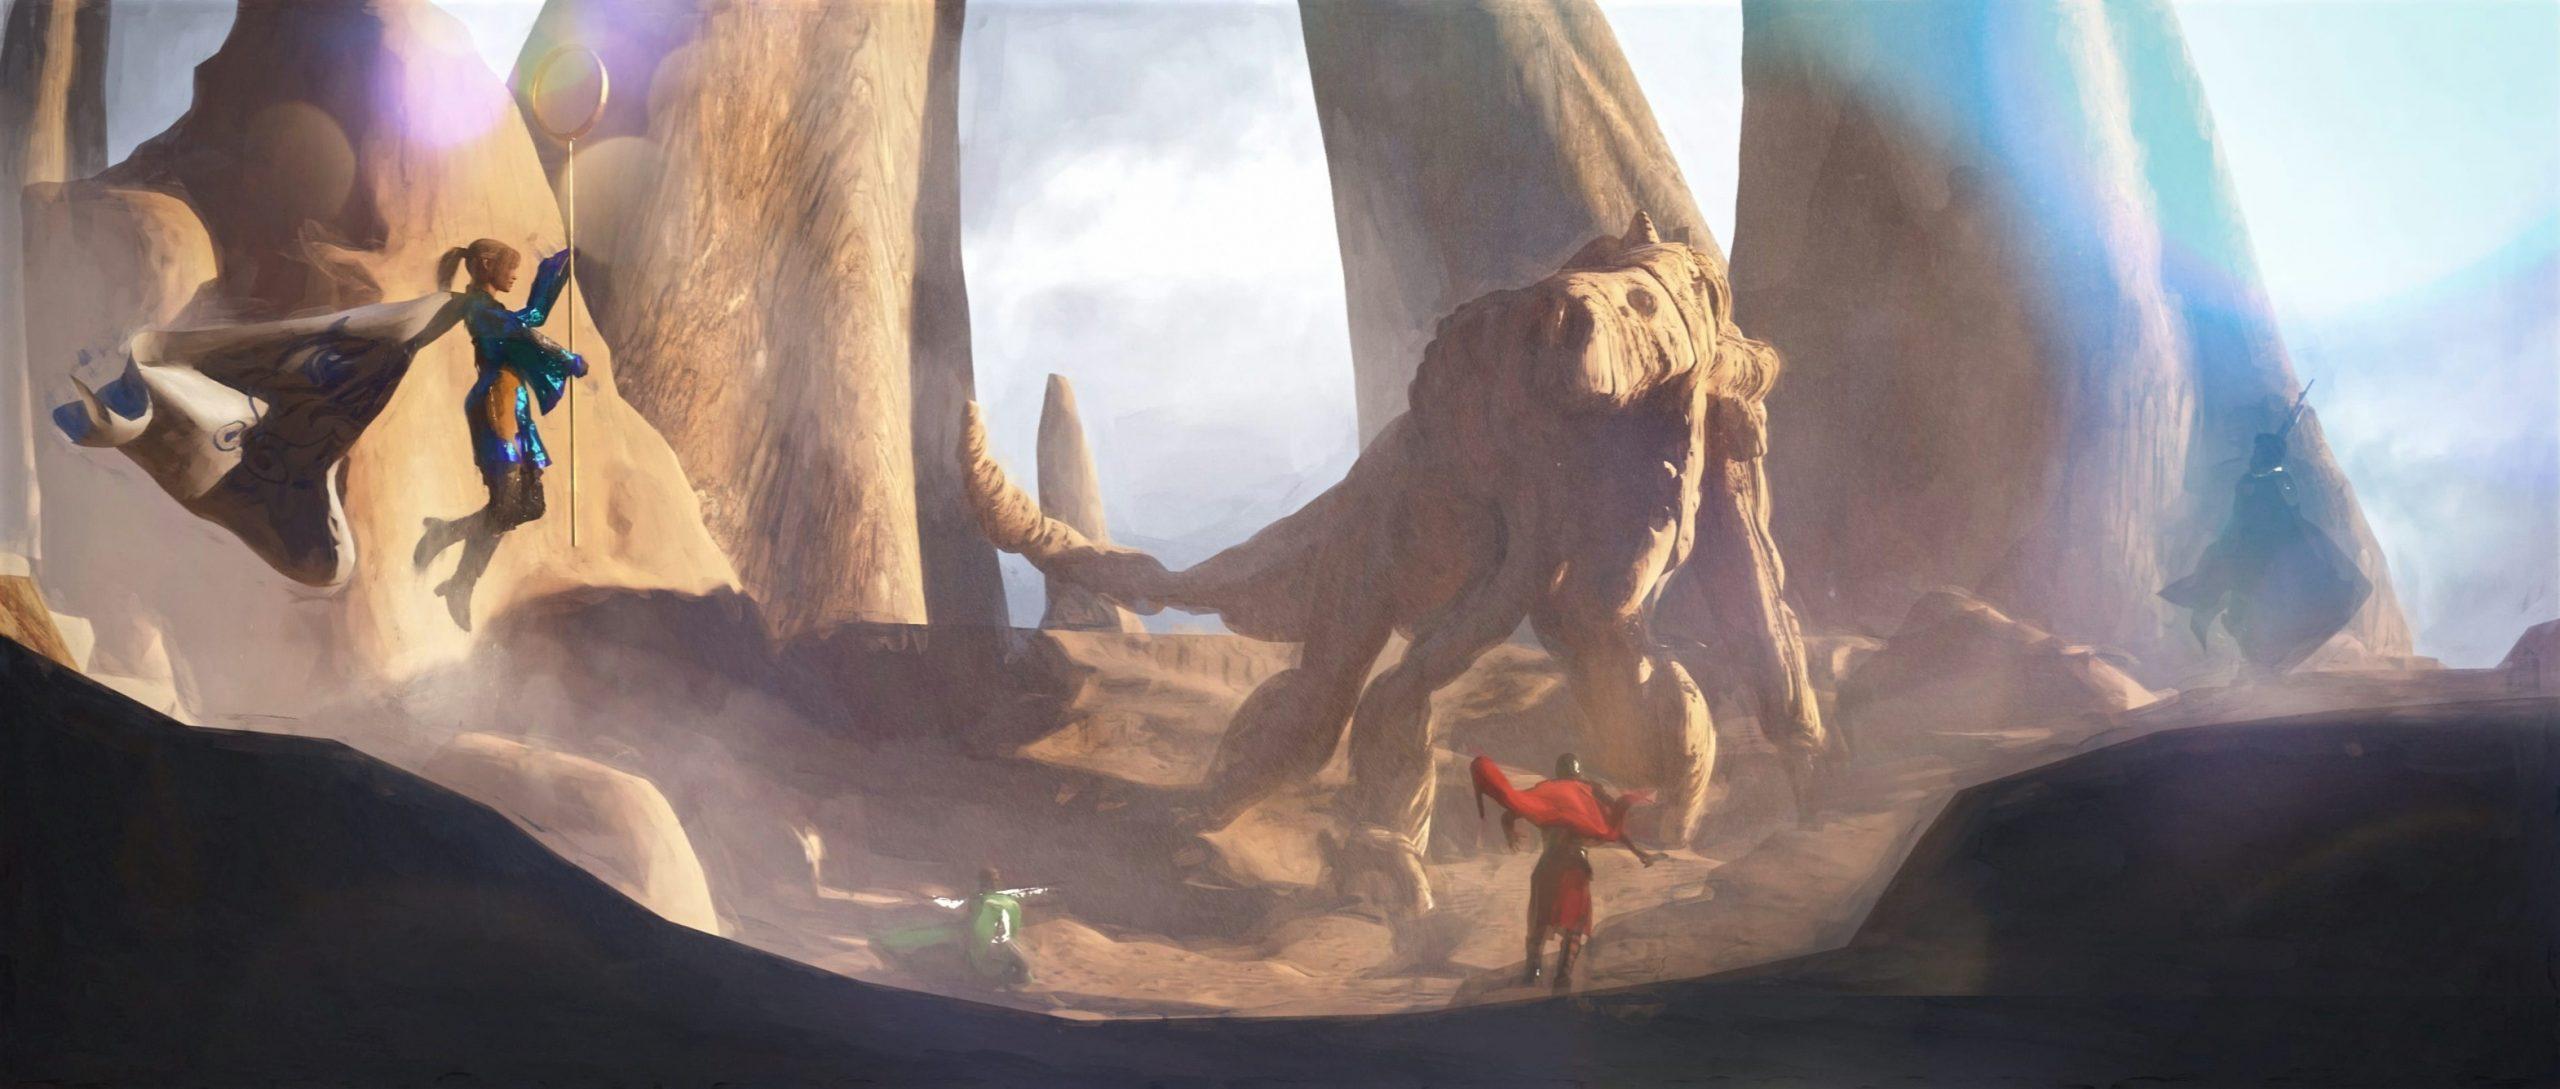 Новая MMORPG Lands of Kehliel с необычными заданиями